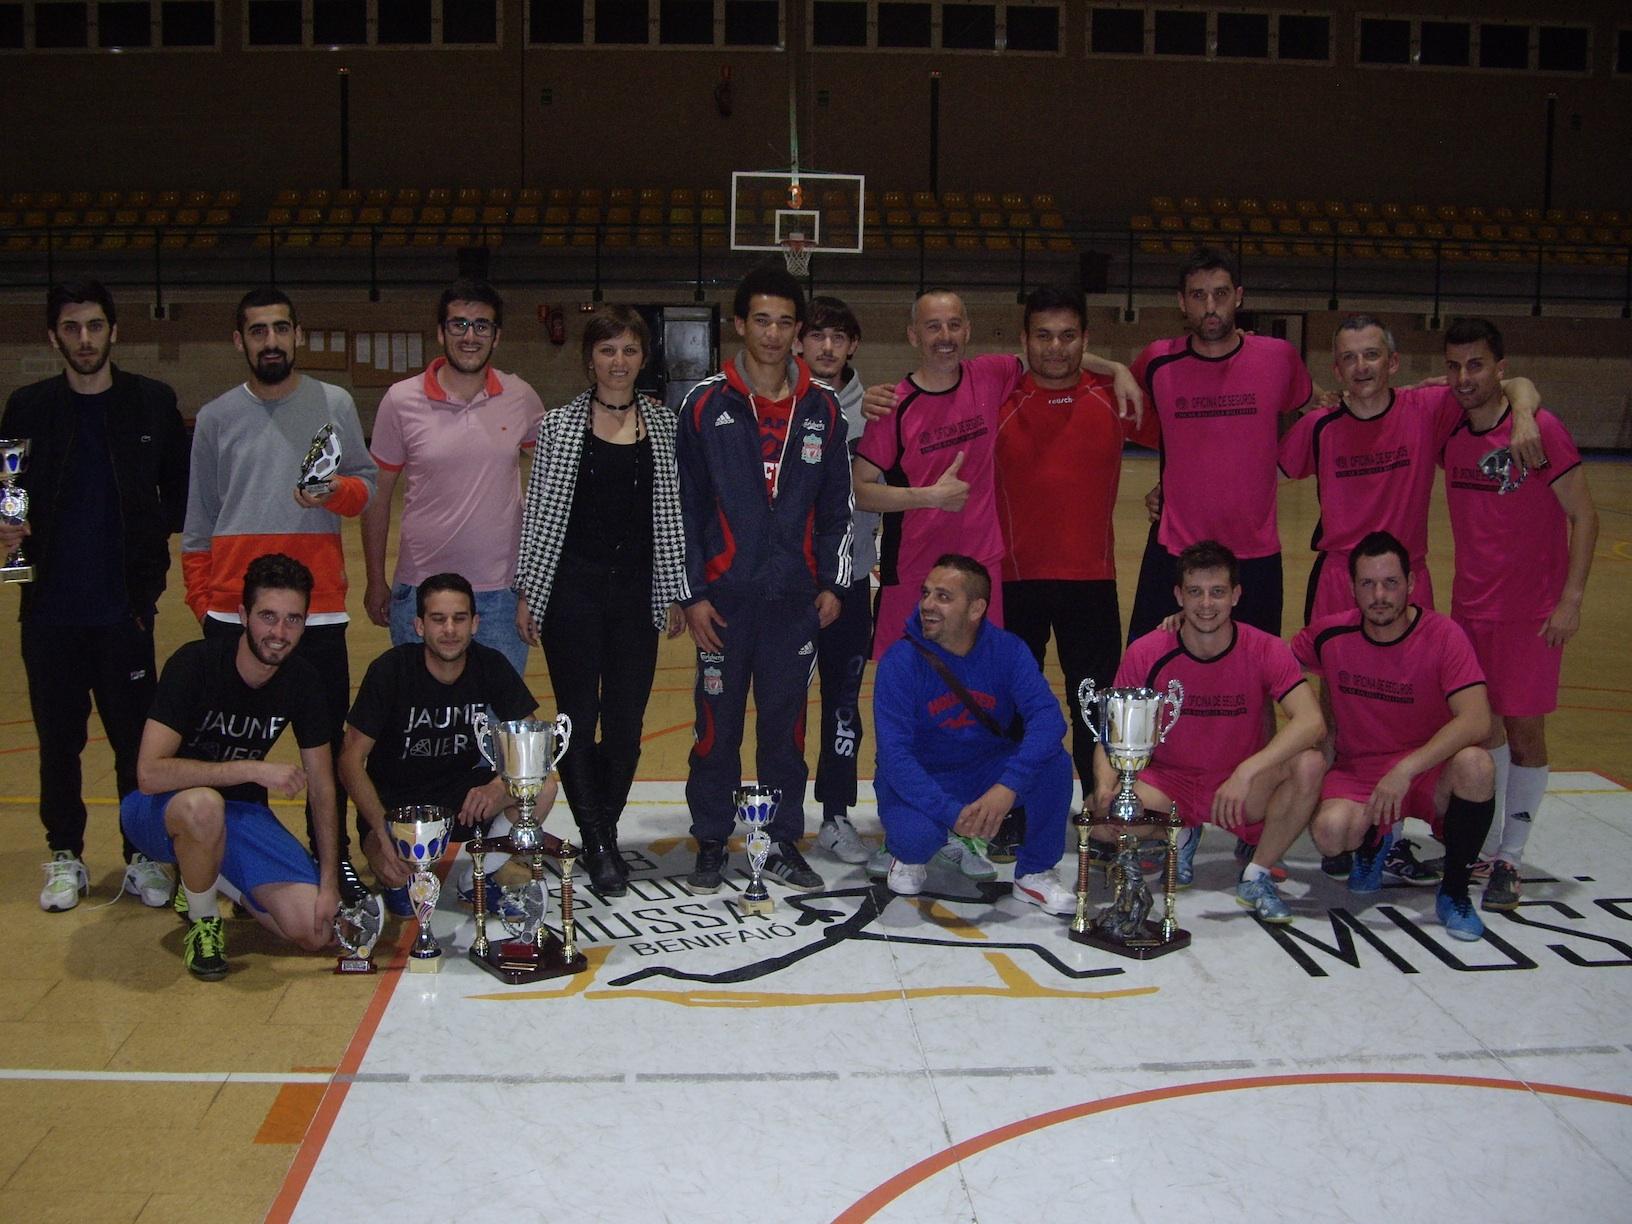 Lliurament de trofeus de la 24 edició de la Lliga Futbol Sala Benifaió.